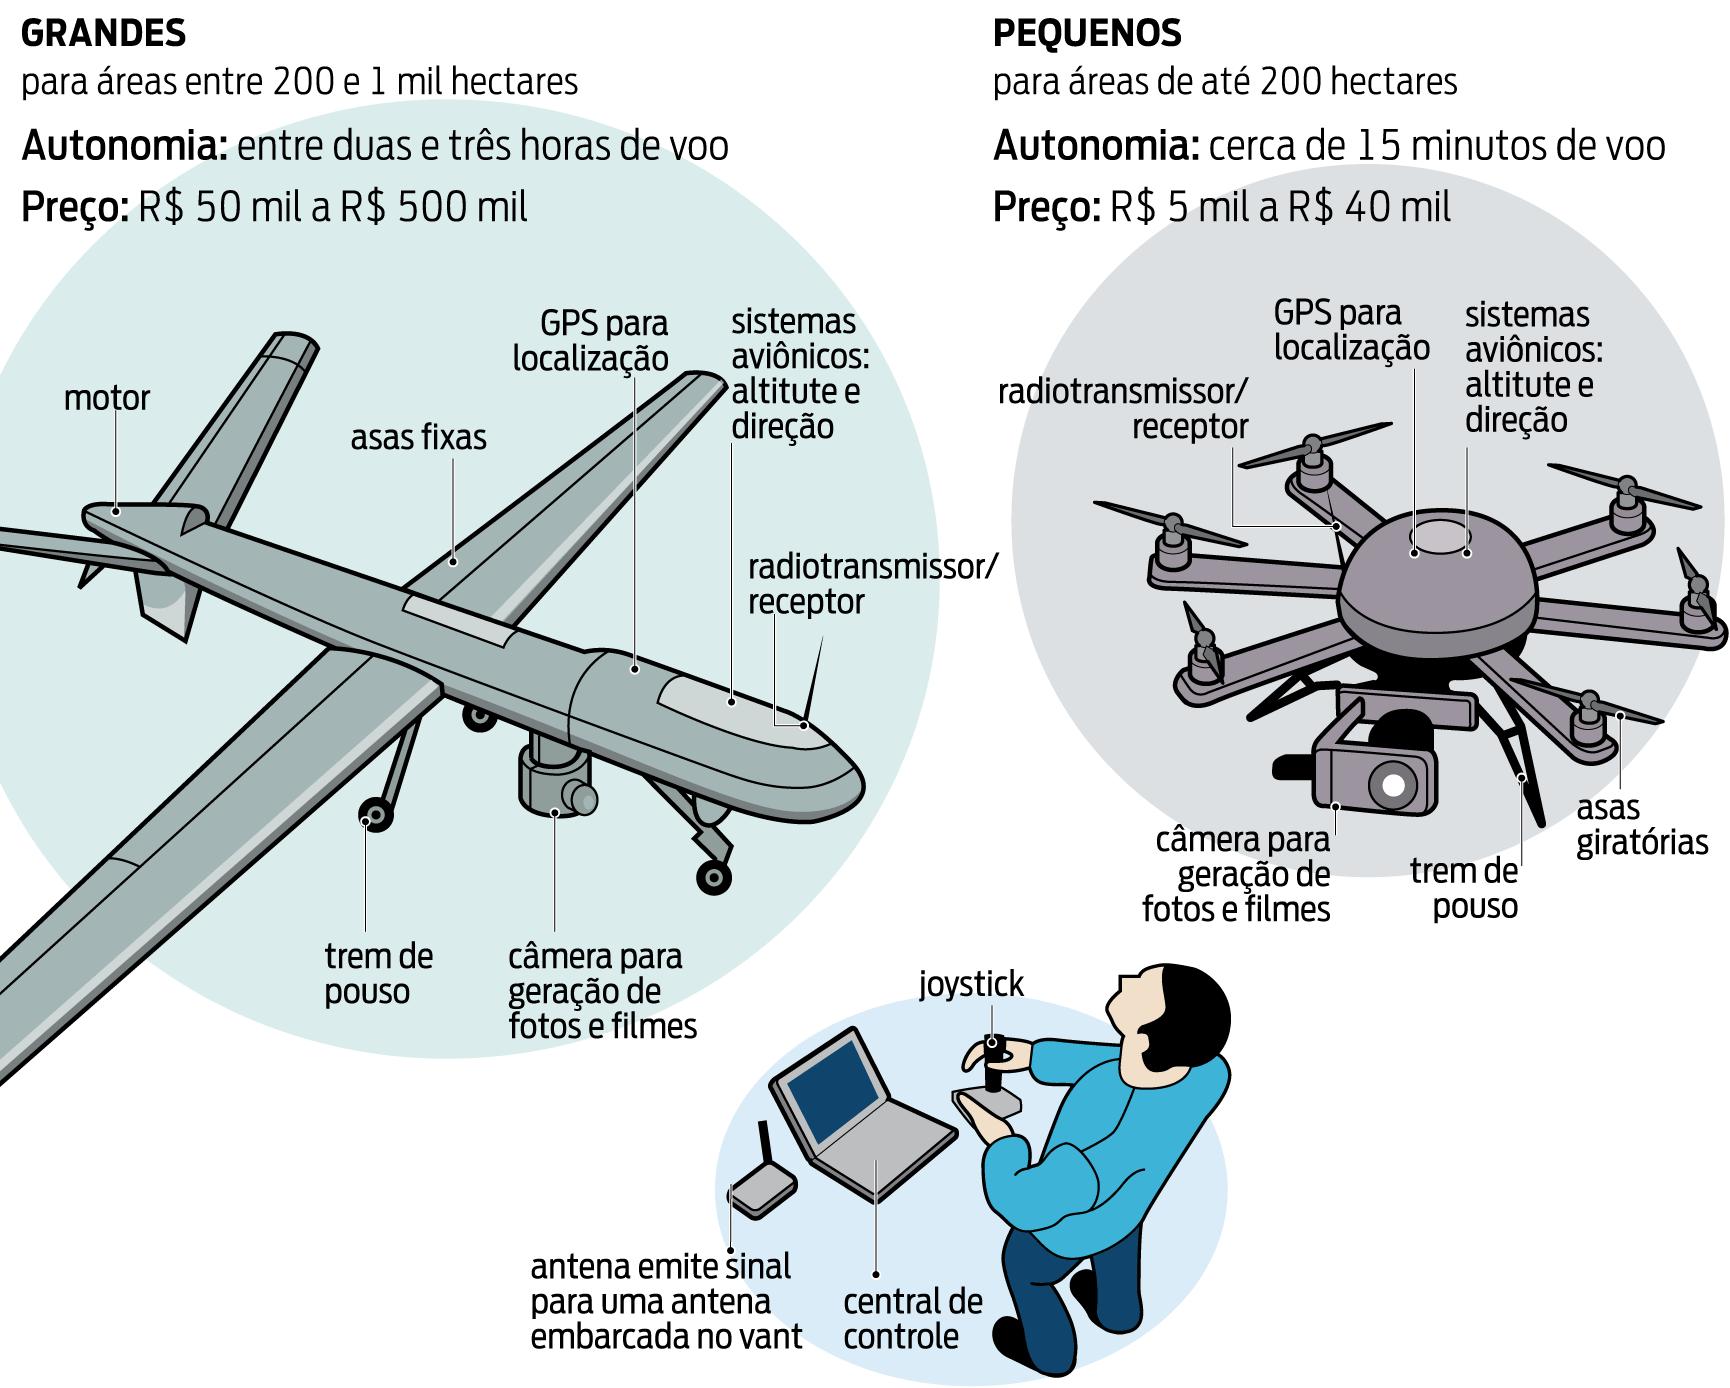 drones_03